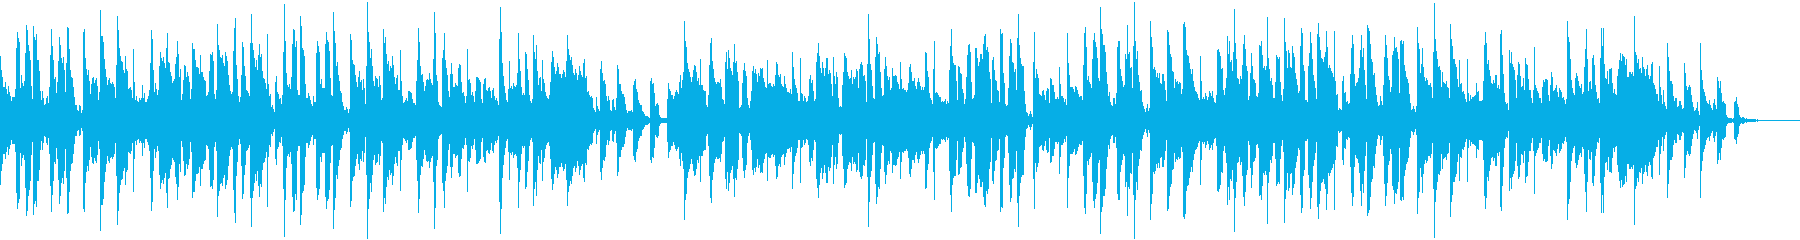 巨峰をテーマにした楽曲の再生済みの波形